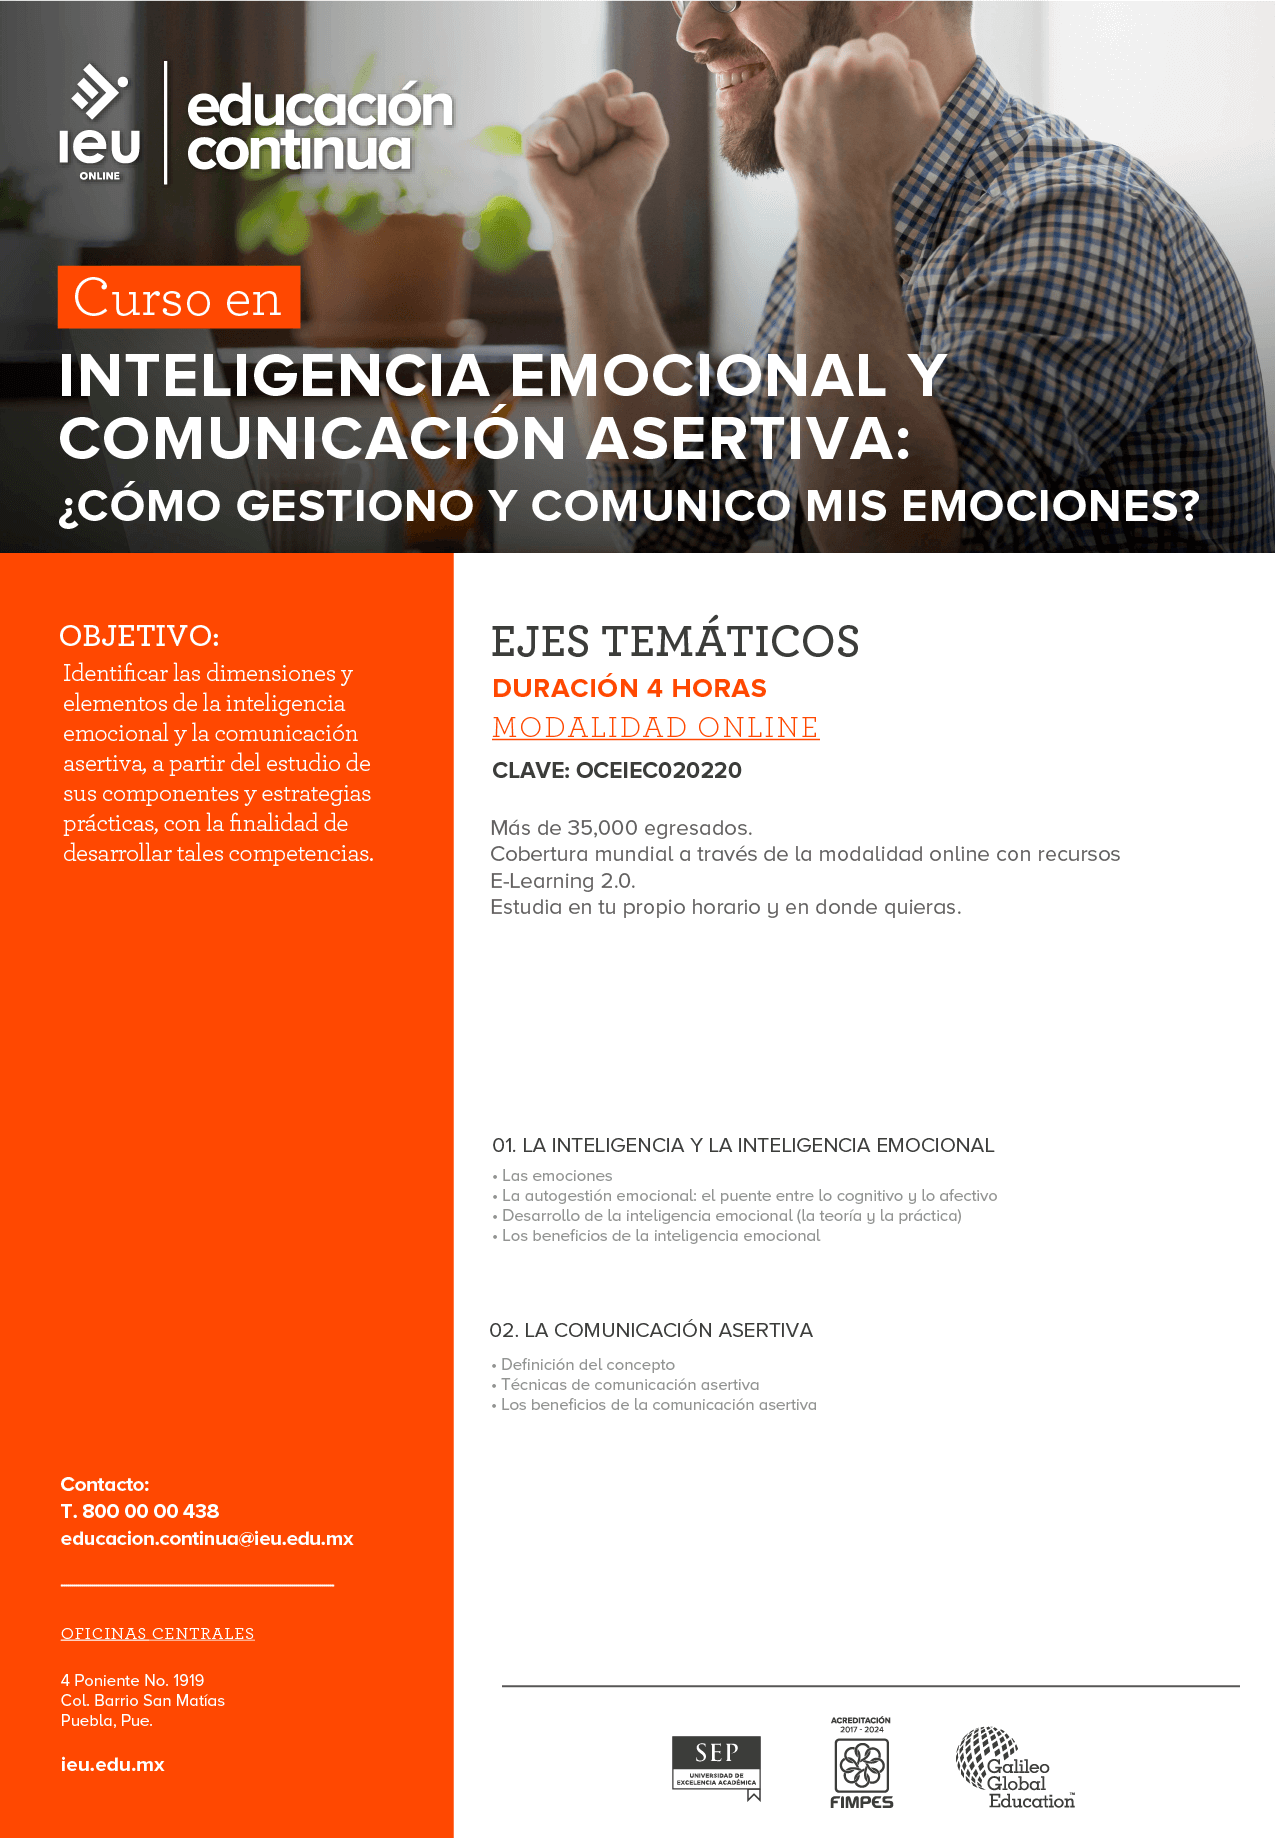 Inteligencia emocional y comunicación asertiva: ¿cómo gestiono y comunico mis emociones?